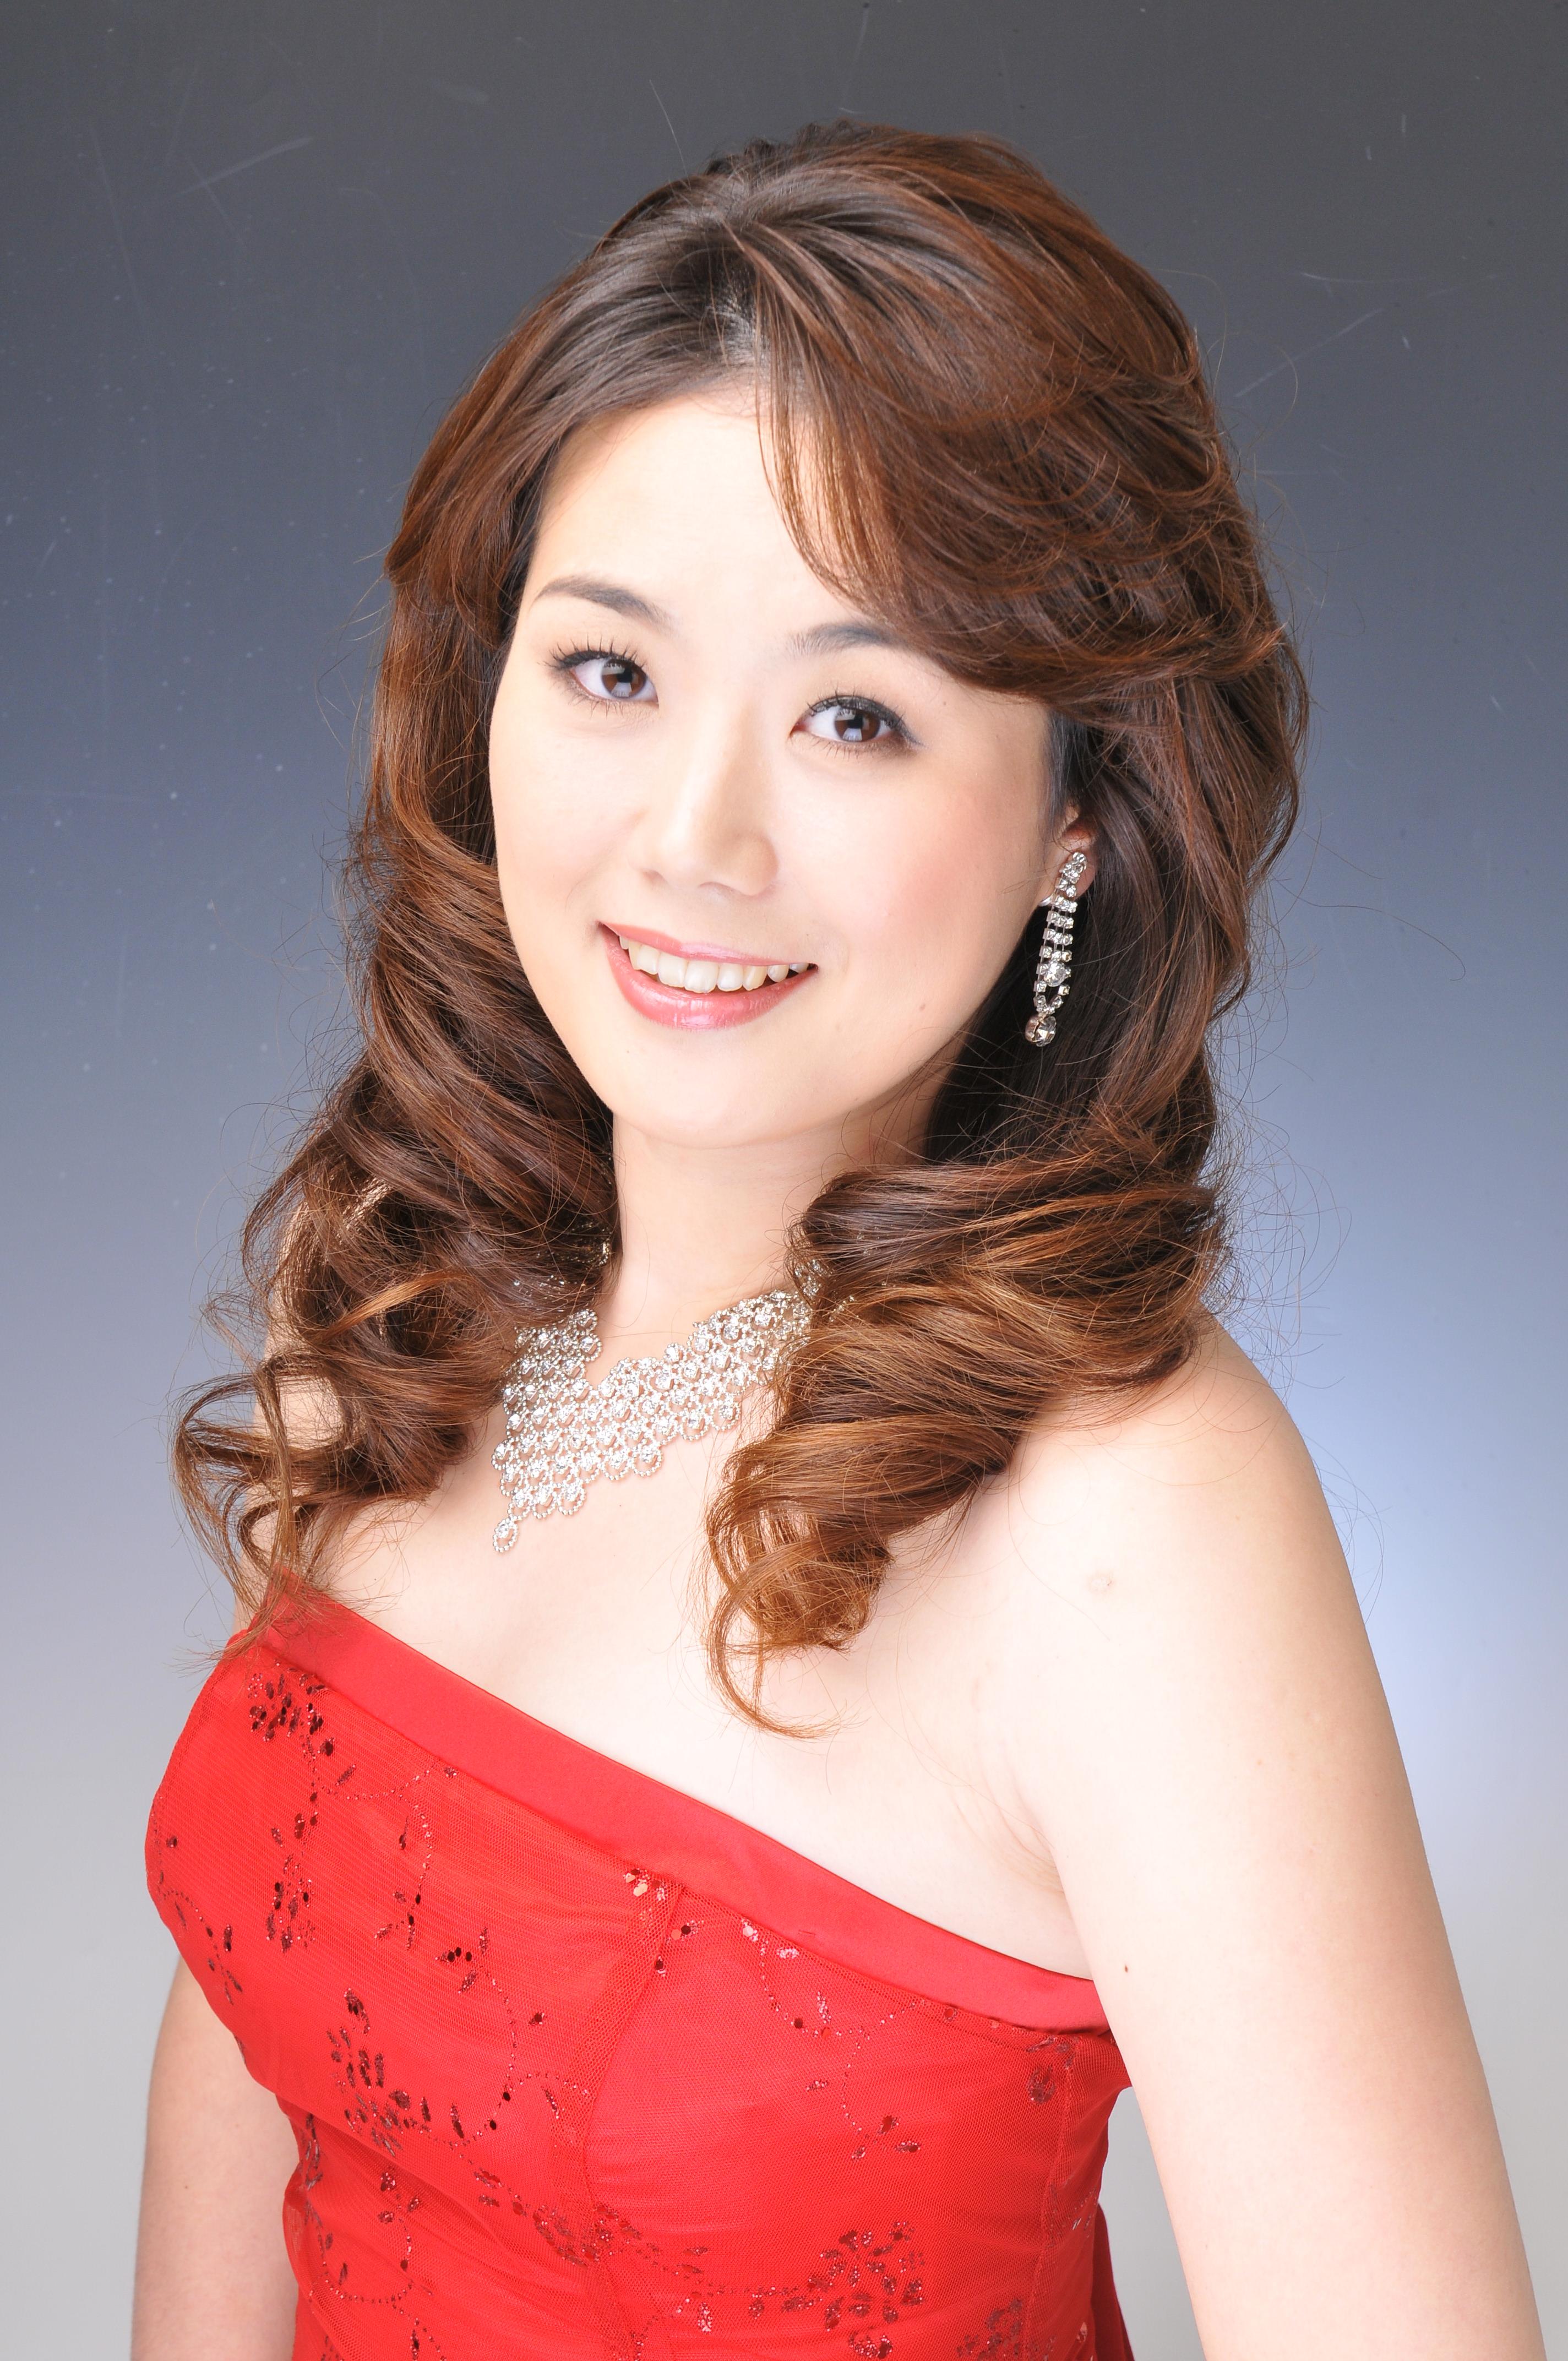 オペラと日本文化を一緒に紹介したい 日本人ソプラノ歌手宗田舞子さん Ny1page